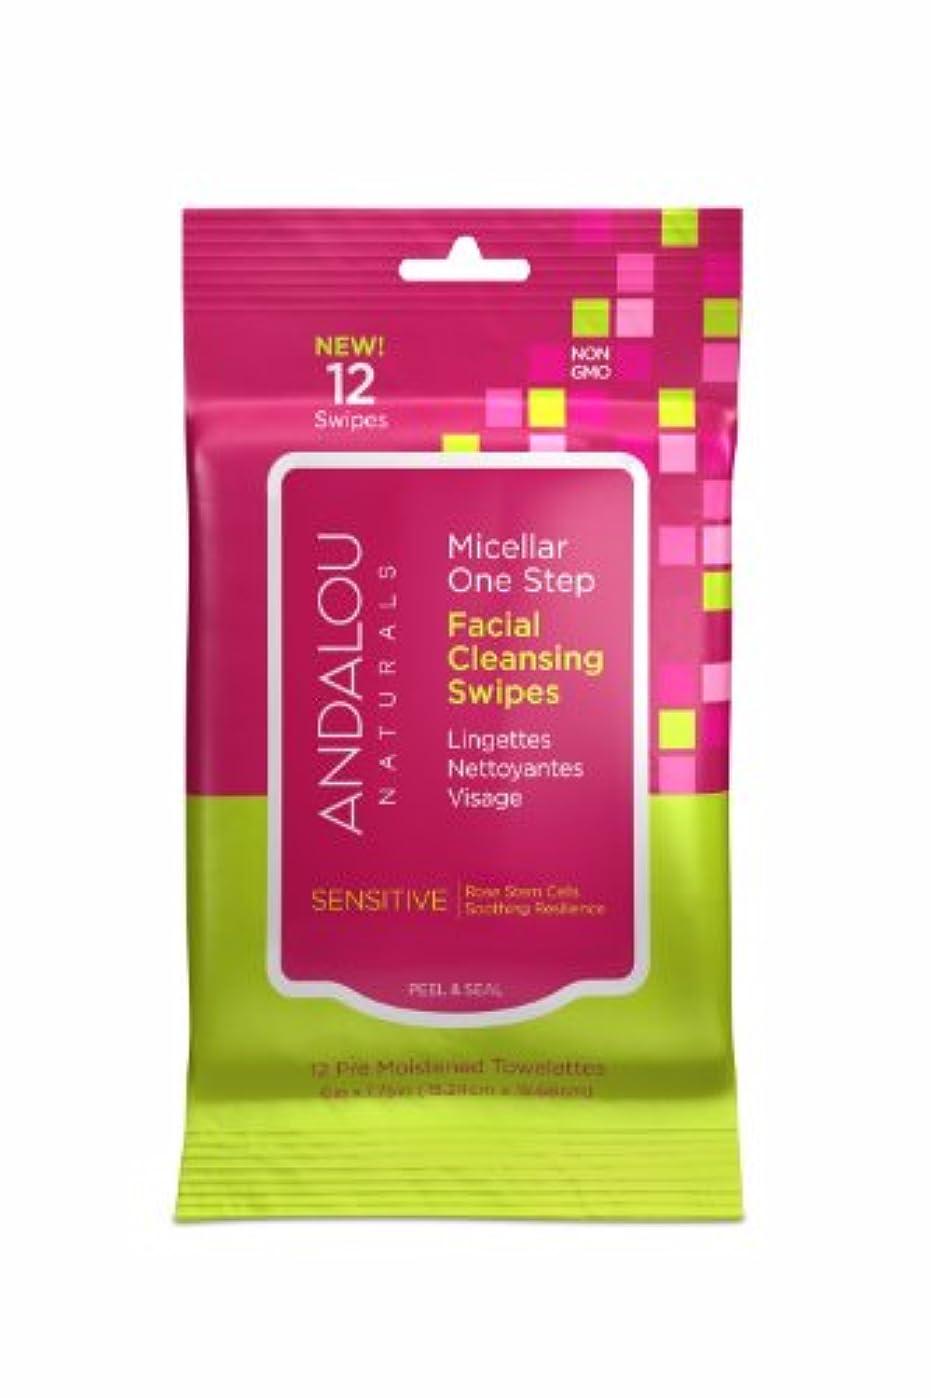 衣類ええ時系列オーガニック ボタニカル クレンジングシート 洗顔シート ナチュラル フルーツ幹細胞 「 Sミセラスワイプ 12枚入り 」 ANDALOU naturals アンダルー ナチュラルズ